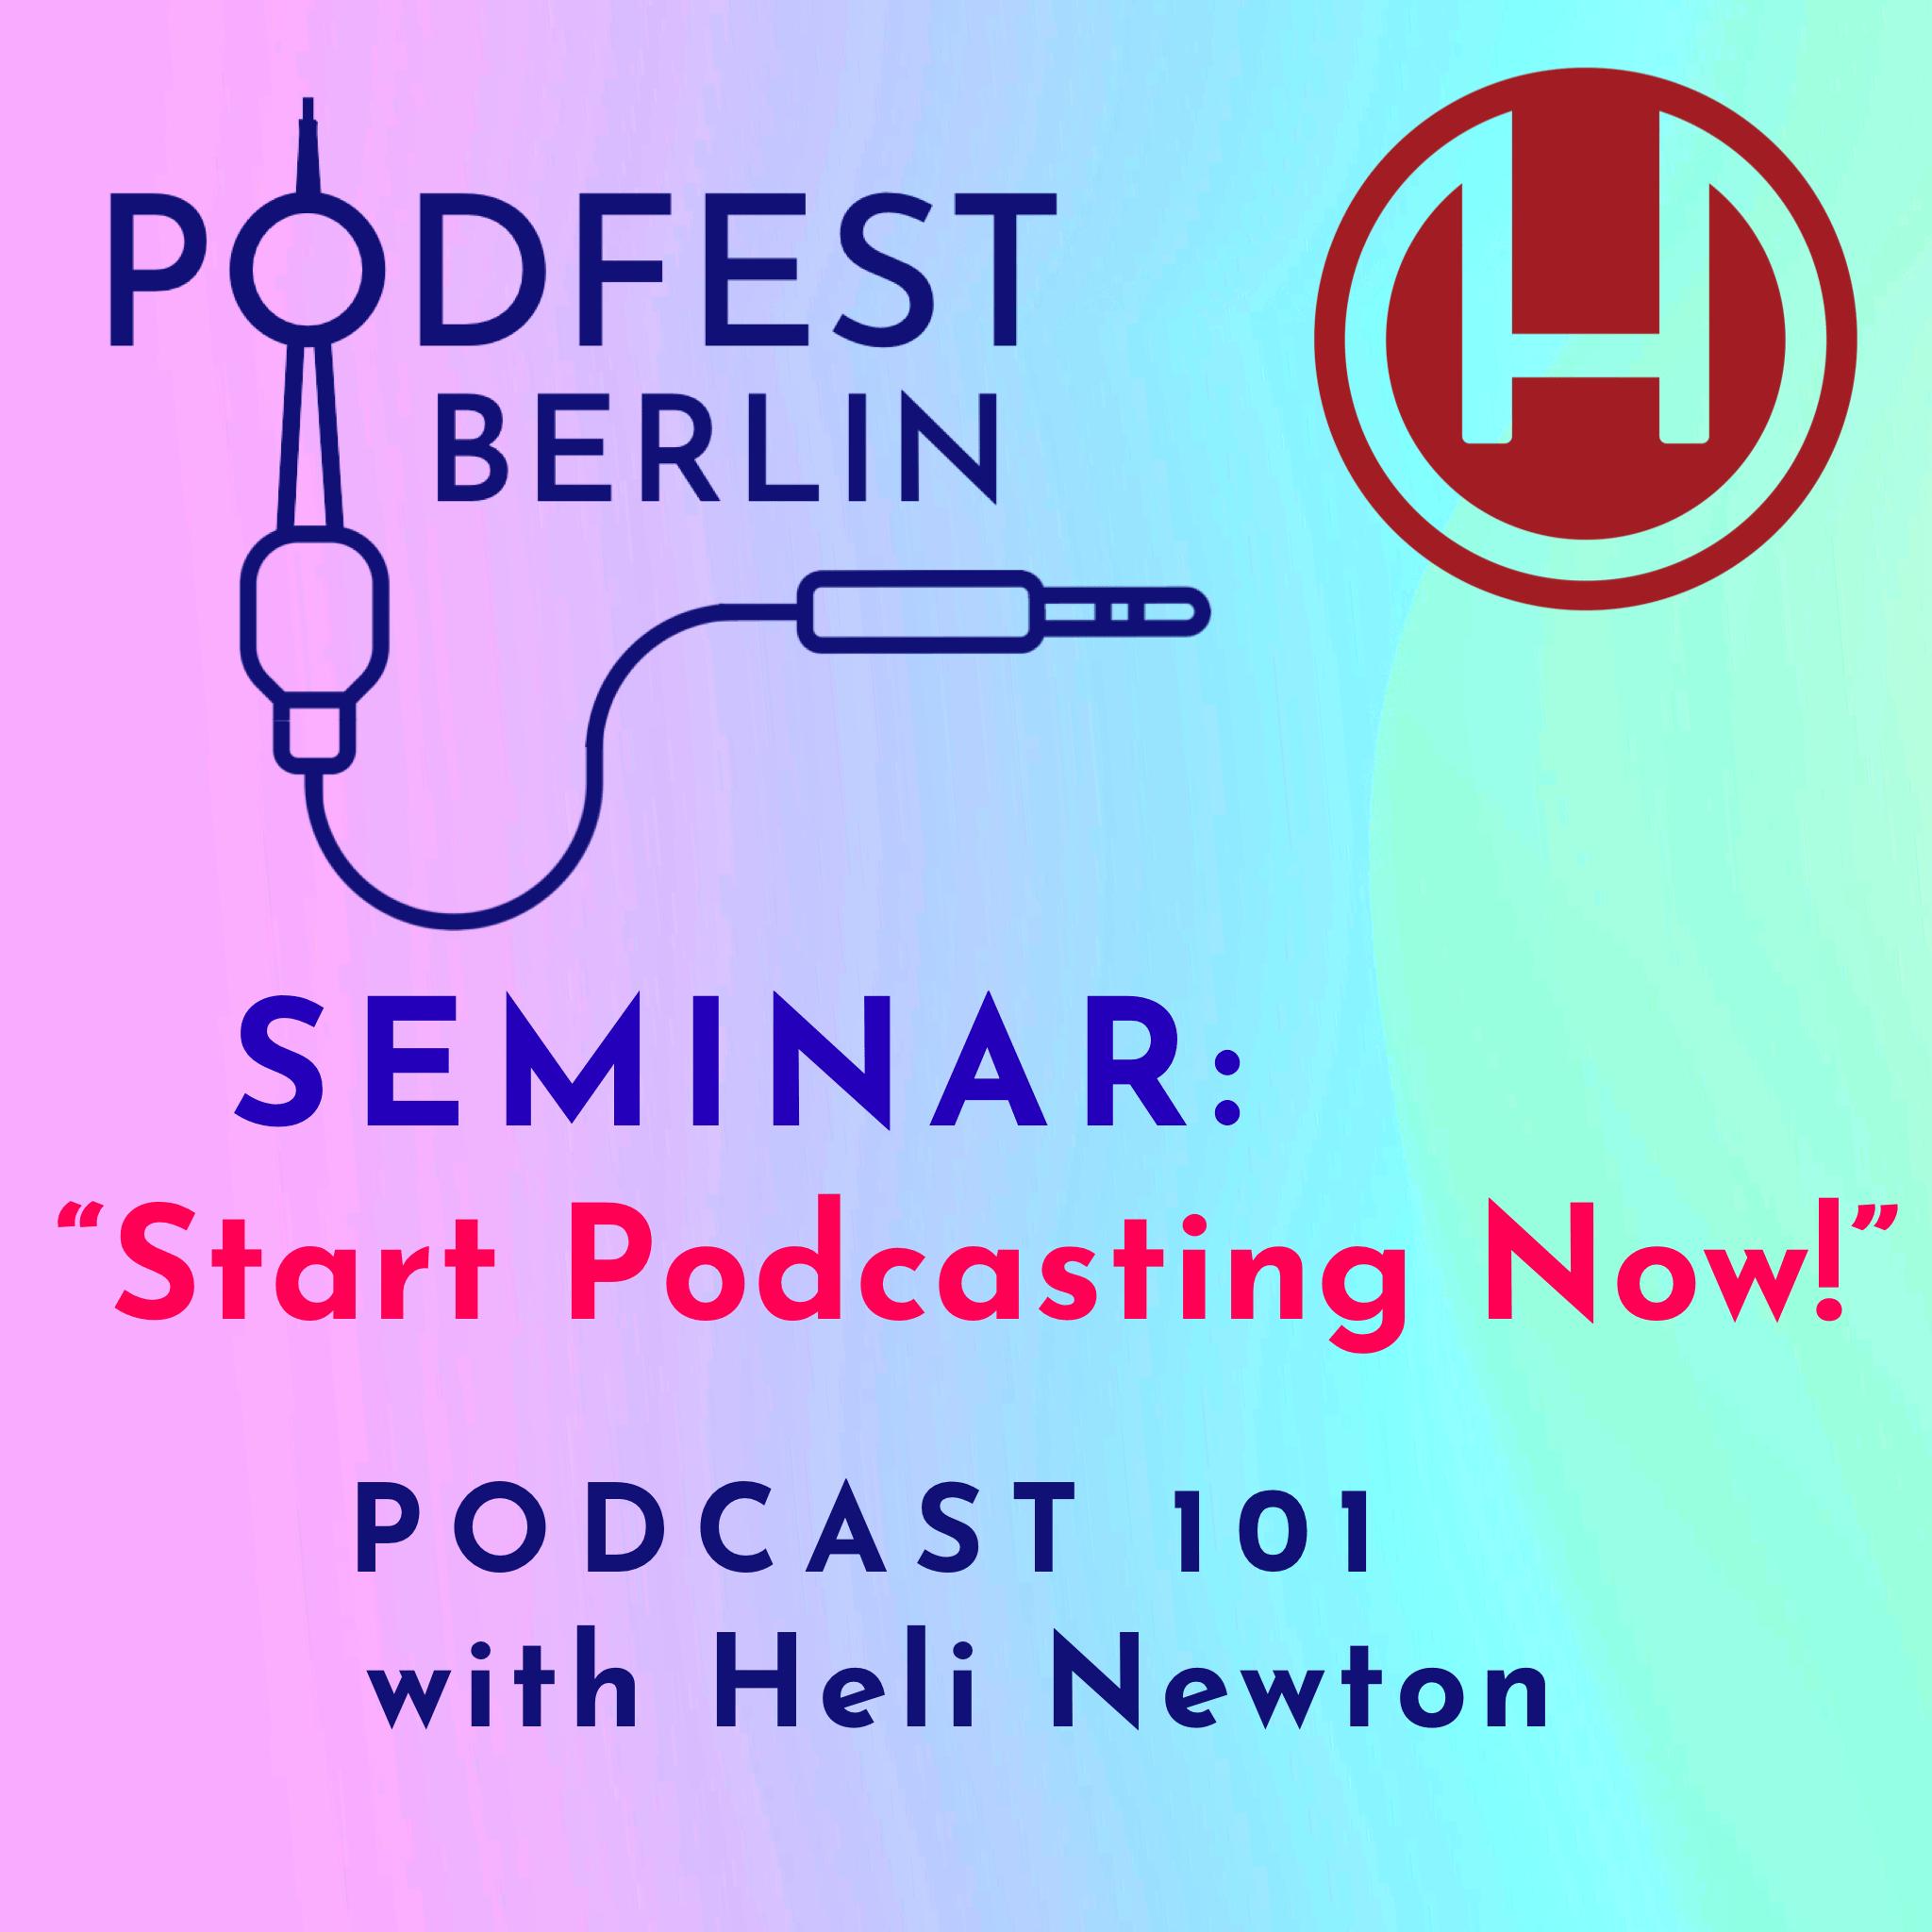 Start Podcasting Now